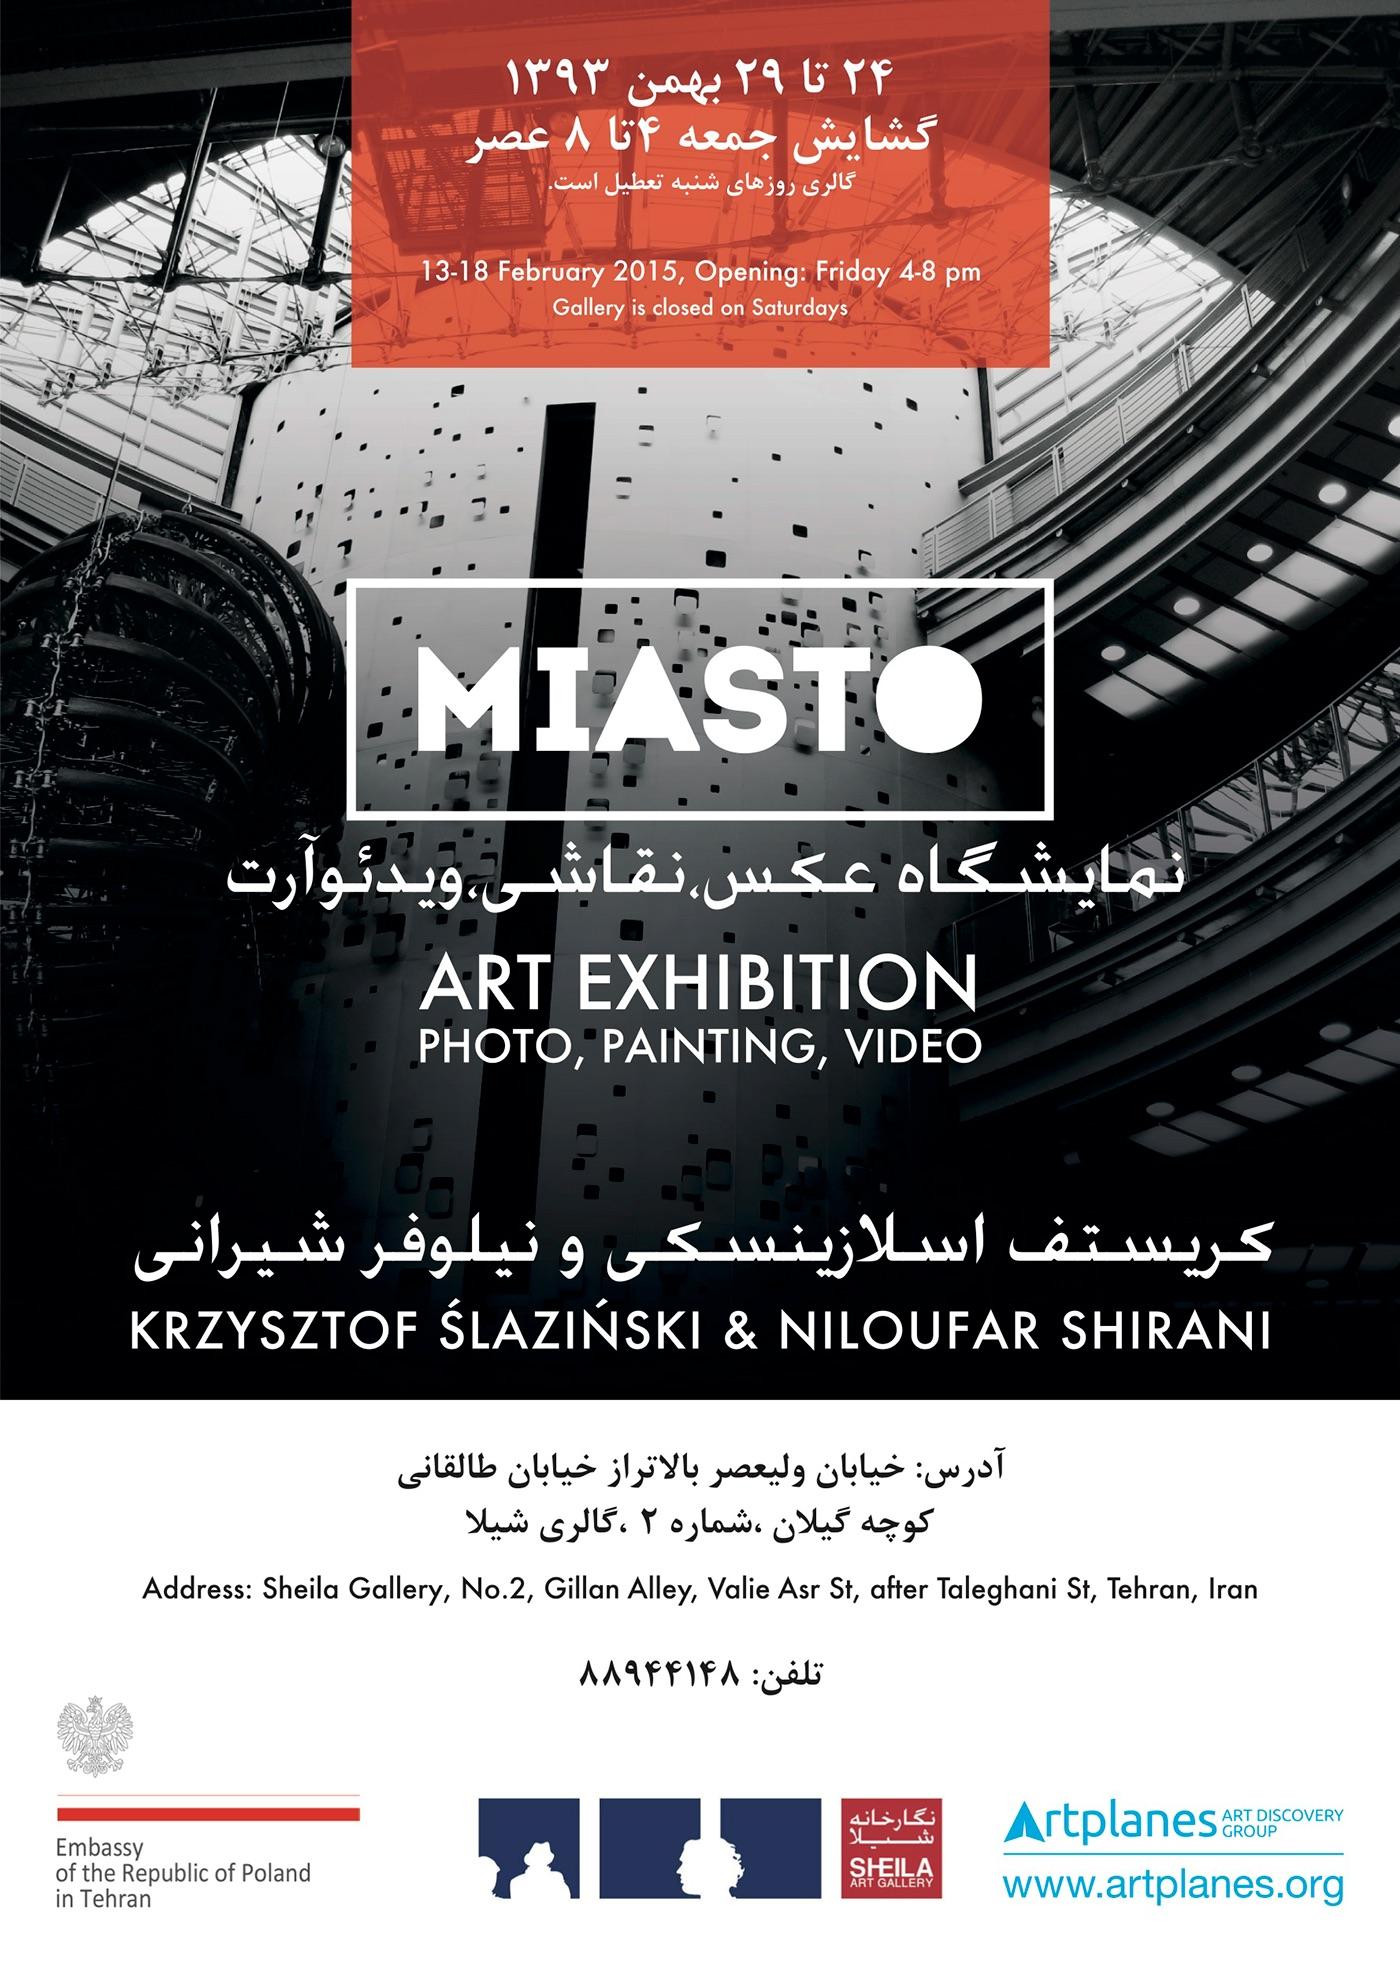 miasto artplanes Tehran Iran Exhibition  slazinski shirani poster